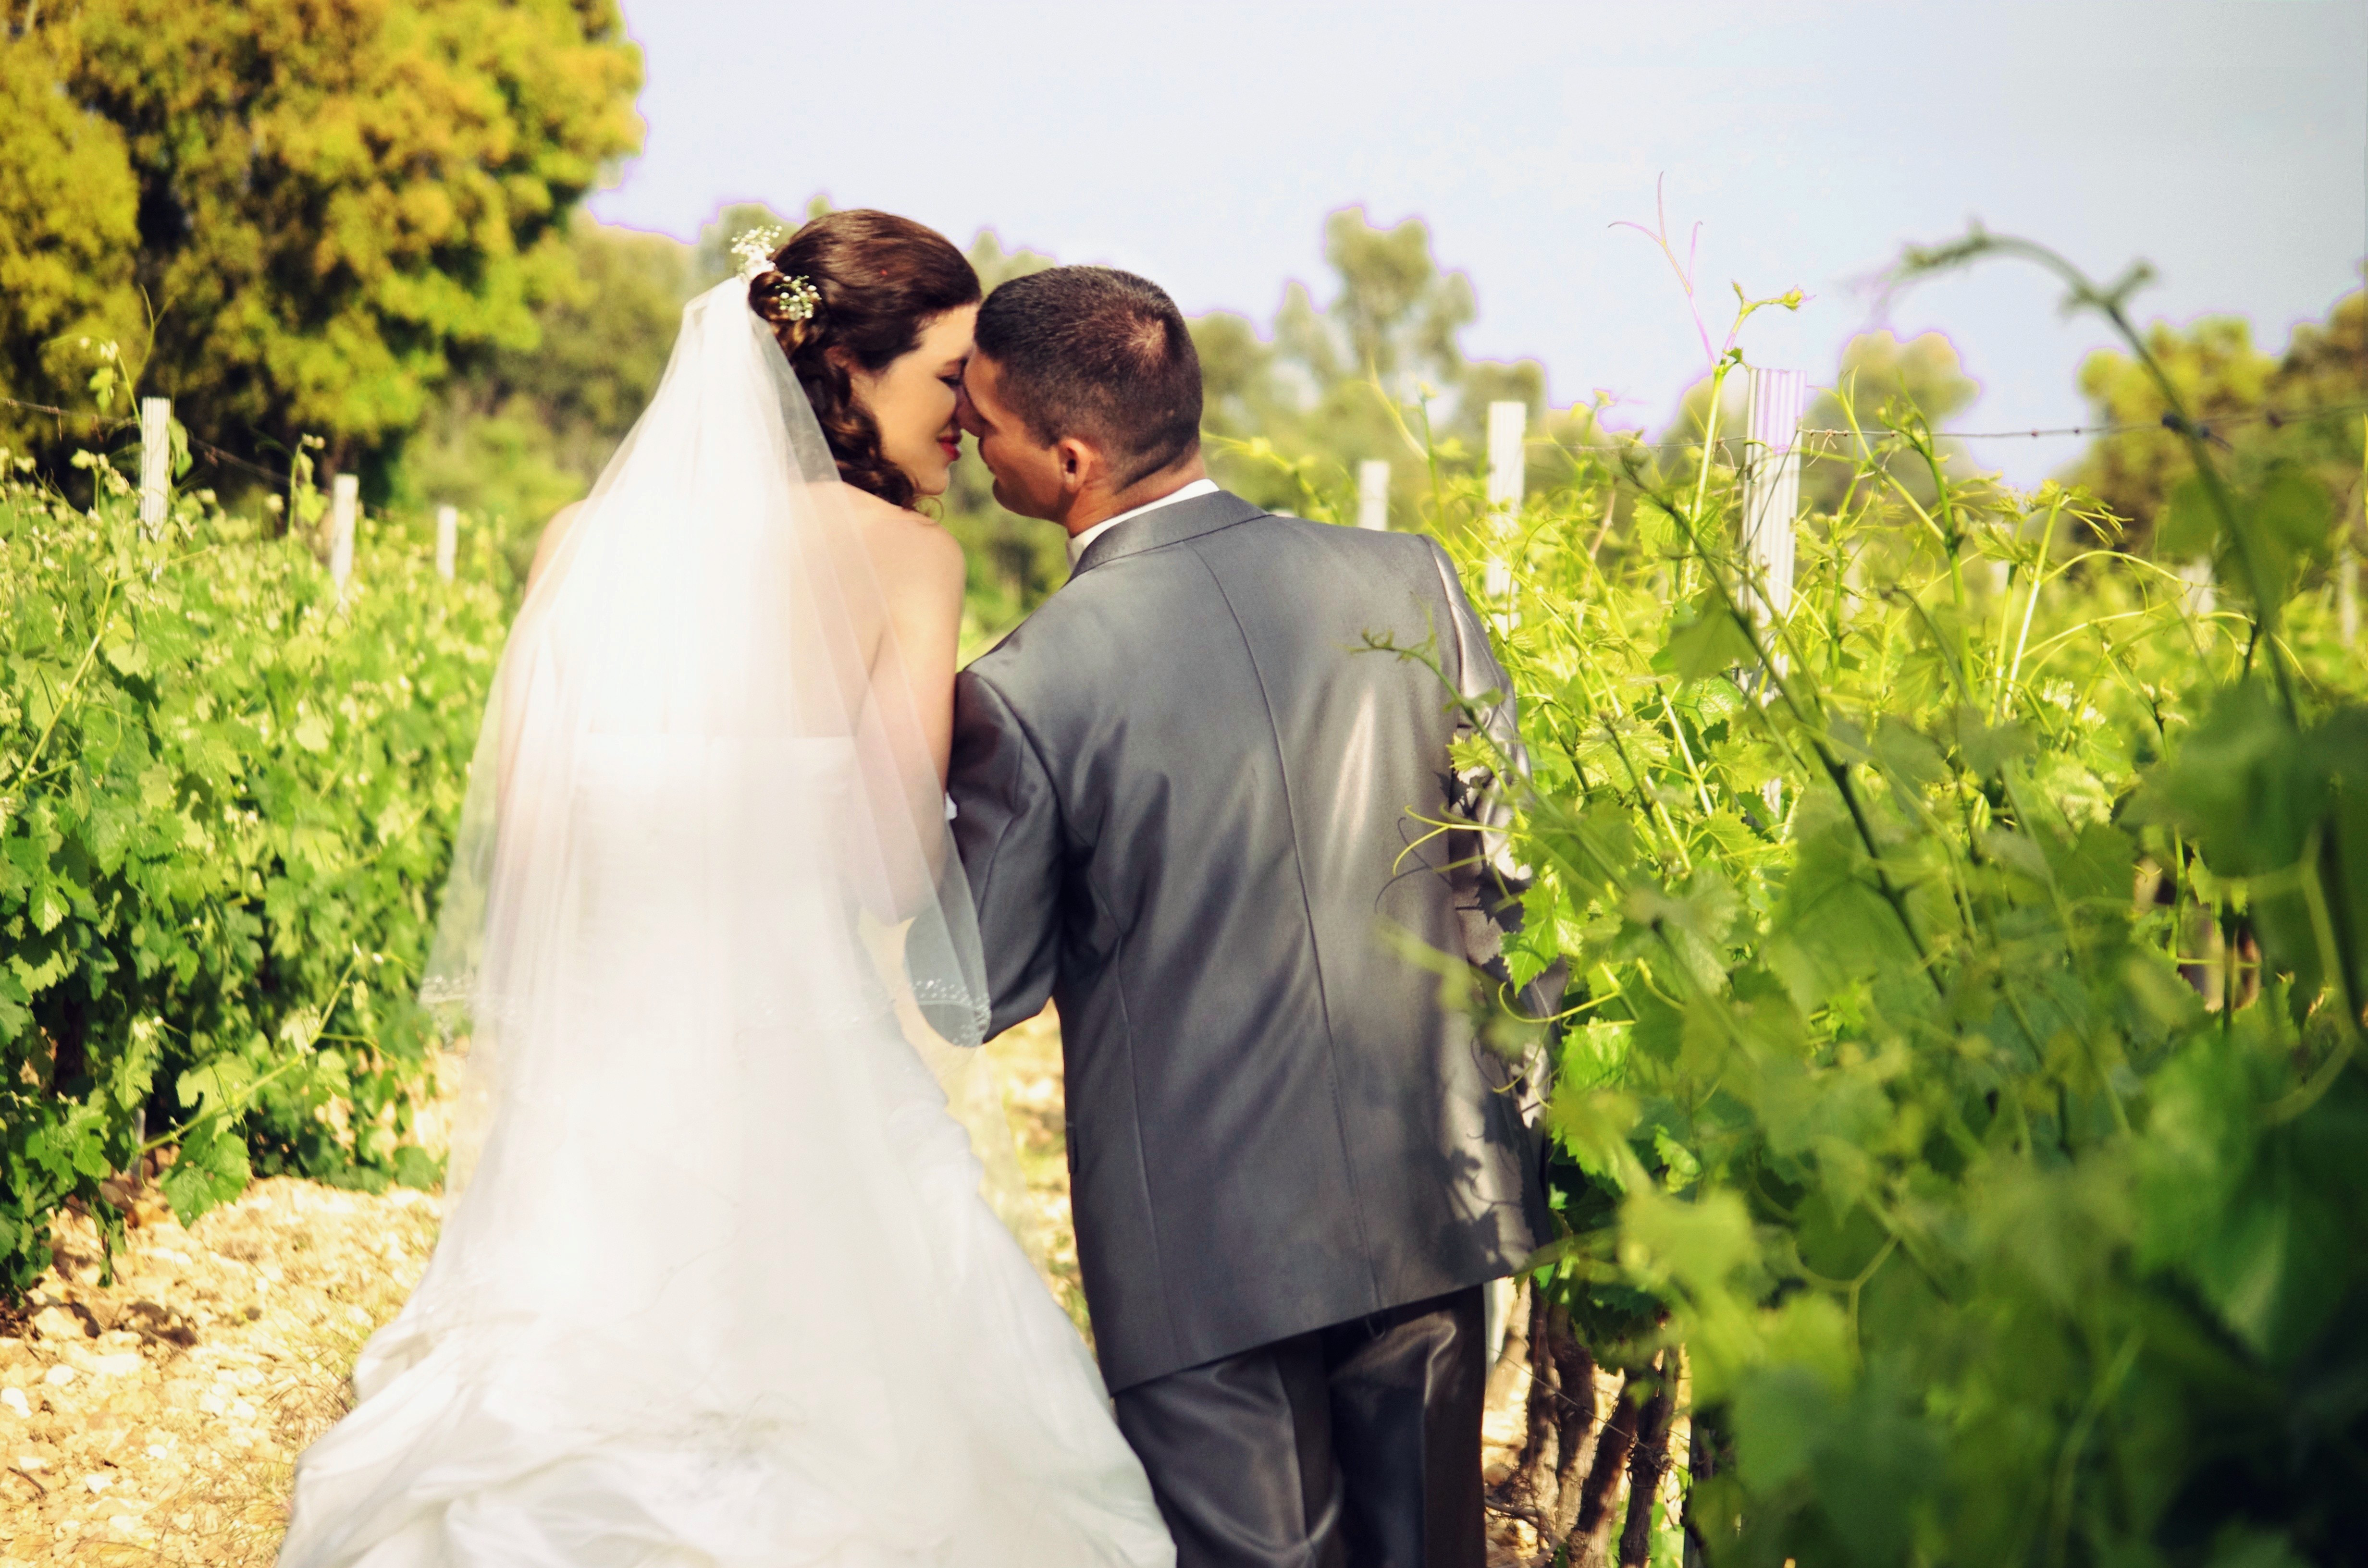 Photographe de mariage côte d'azur